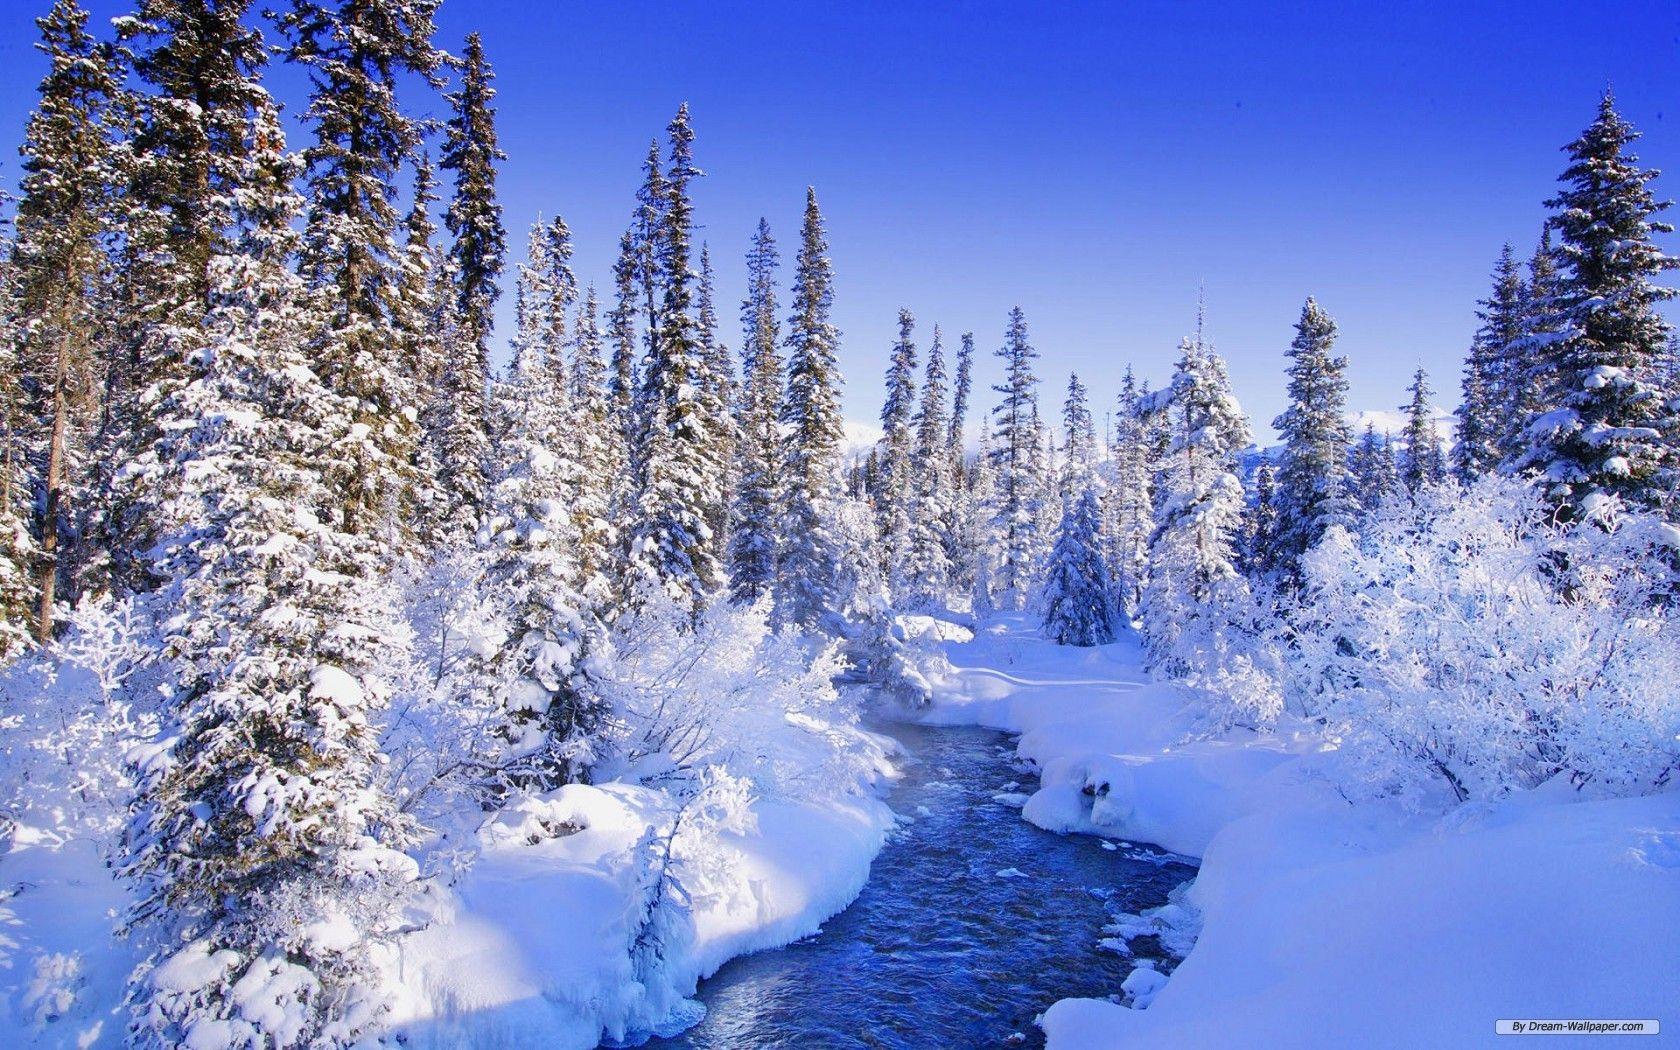 Winter Nature Wallpapers Desktop For Desktop Wallpaper Winter Landscape Winter Scenery Winter Nature